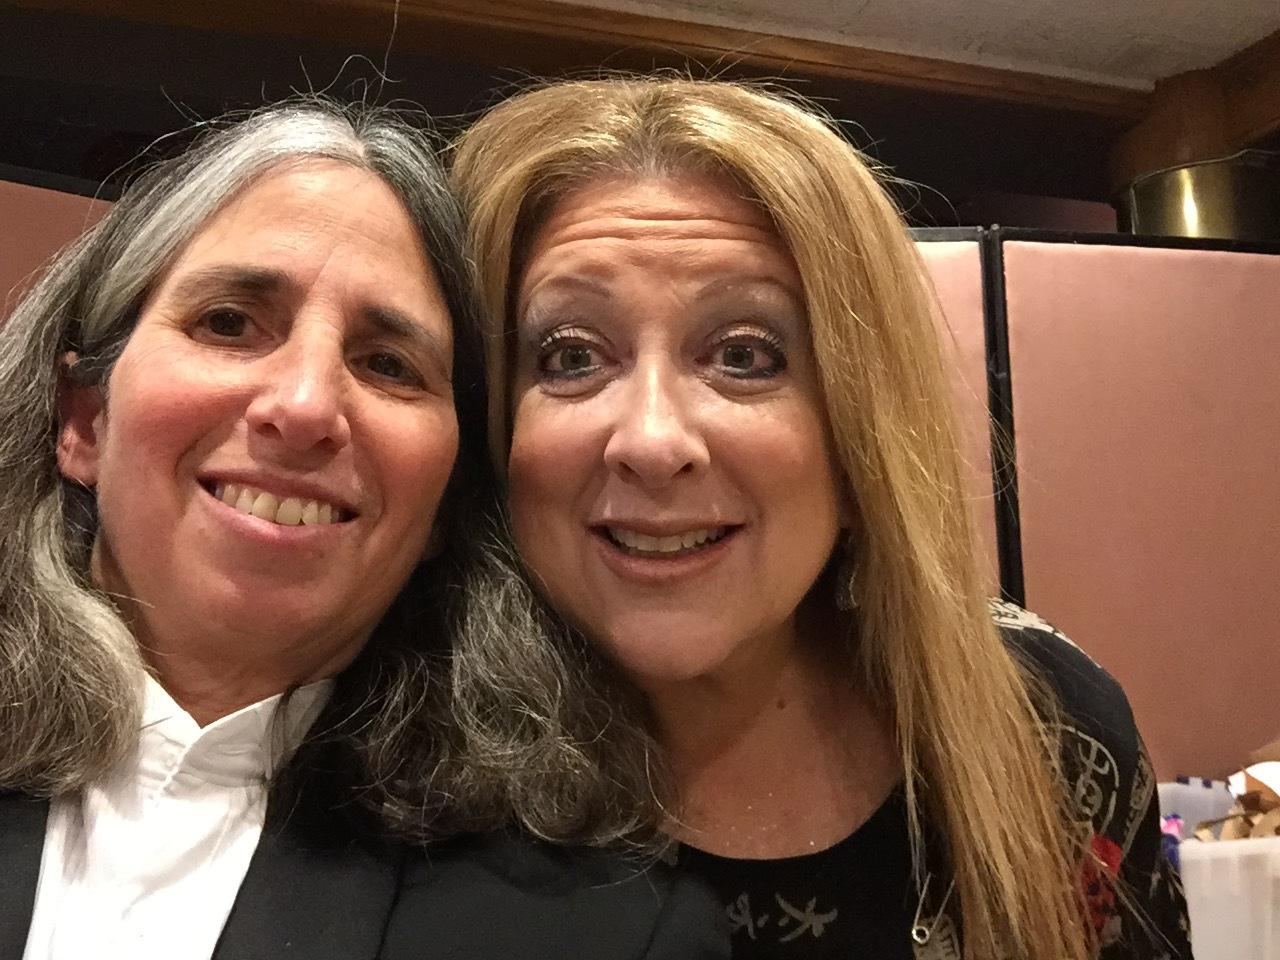 Lisa Geduldig and Elayne Boosler, 2016